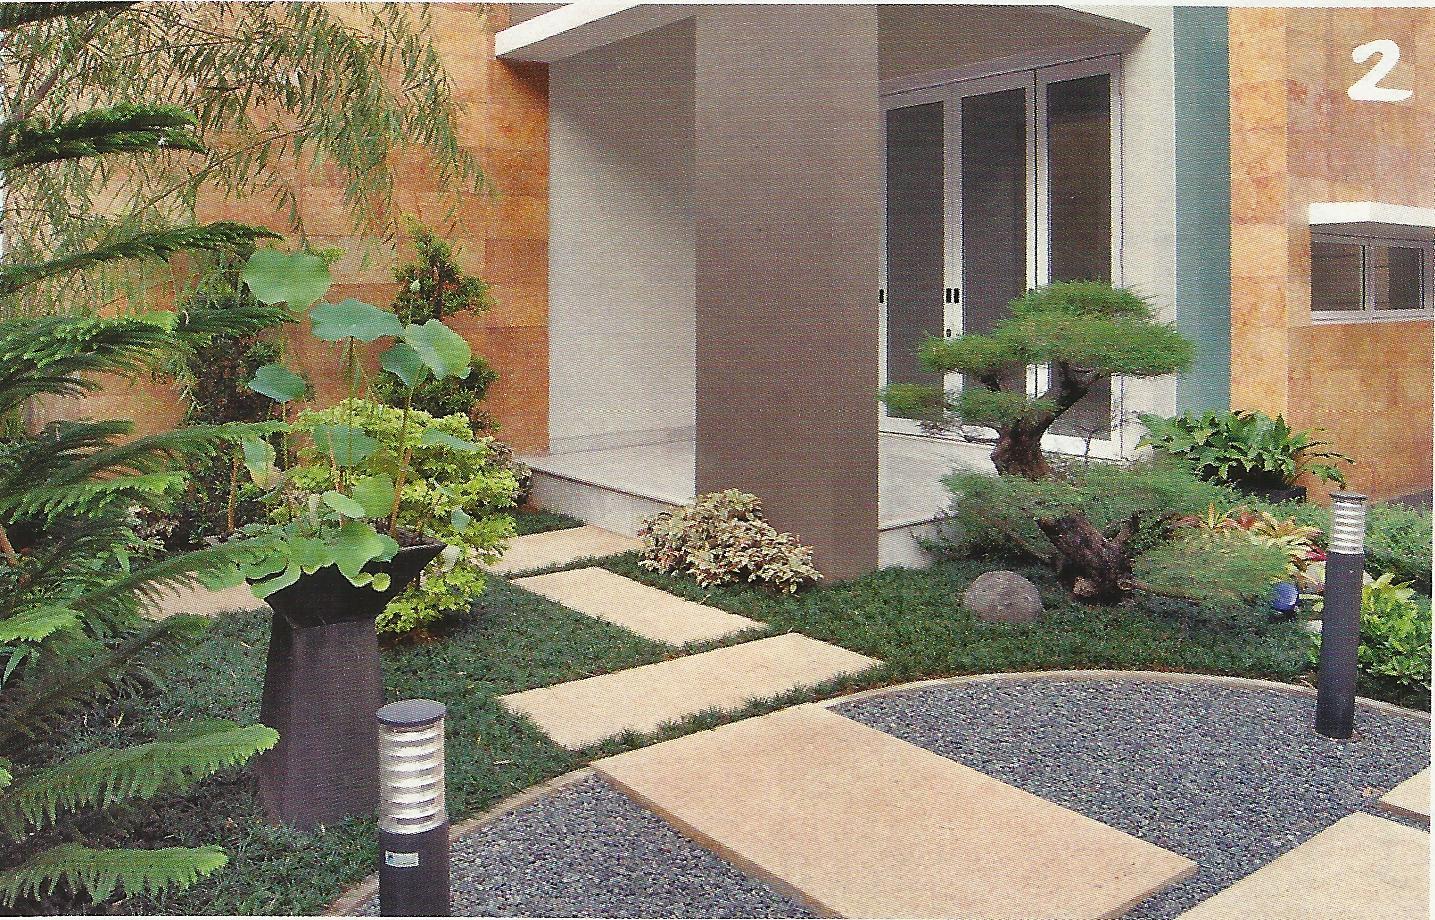 Small Minimalist Design Garden Desain Taman Minimalis 8 Gambar Taman